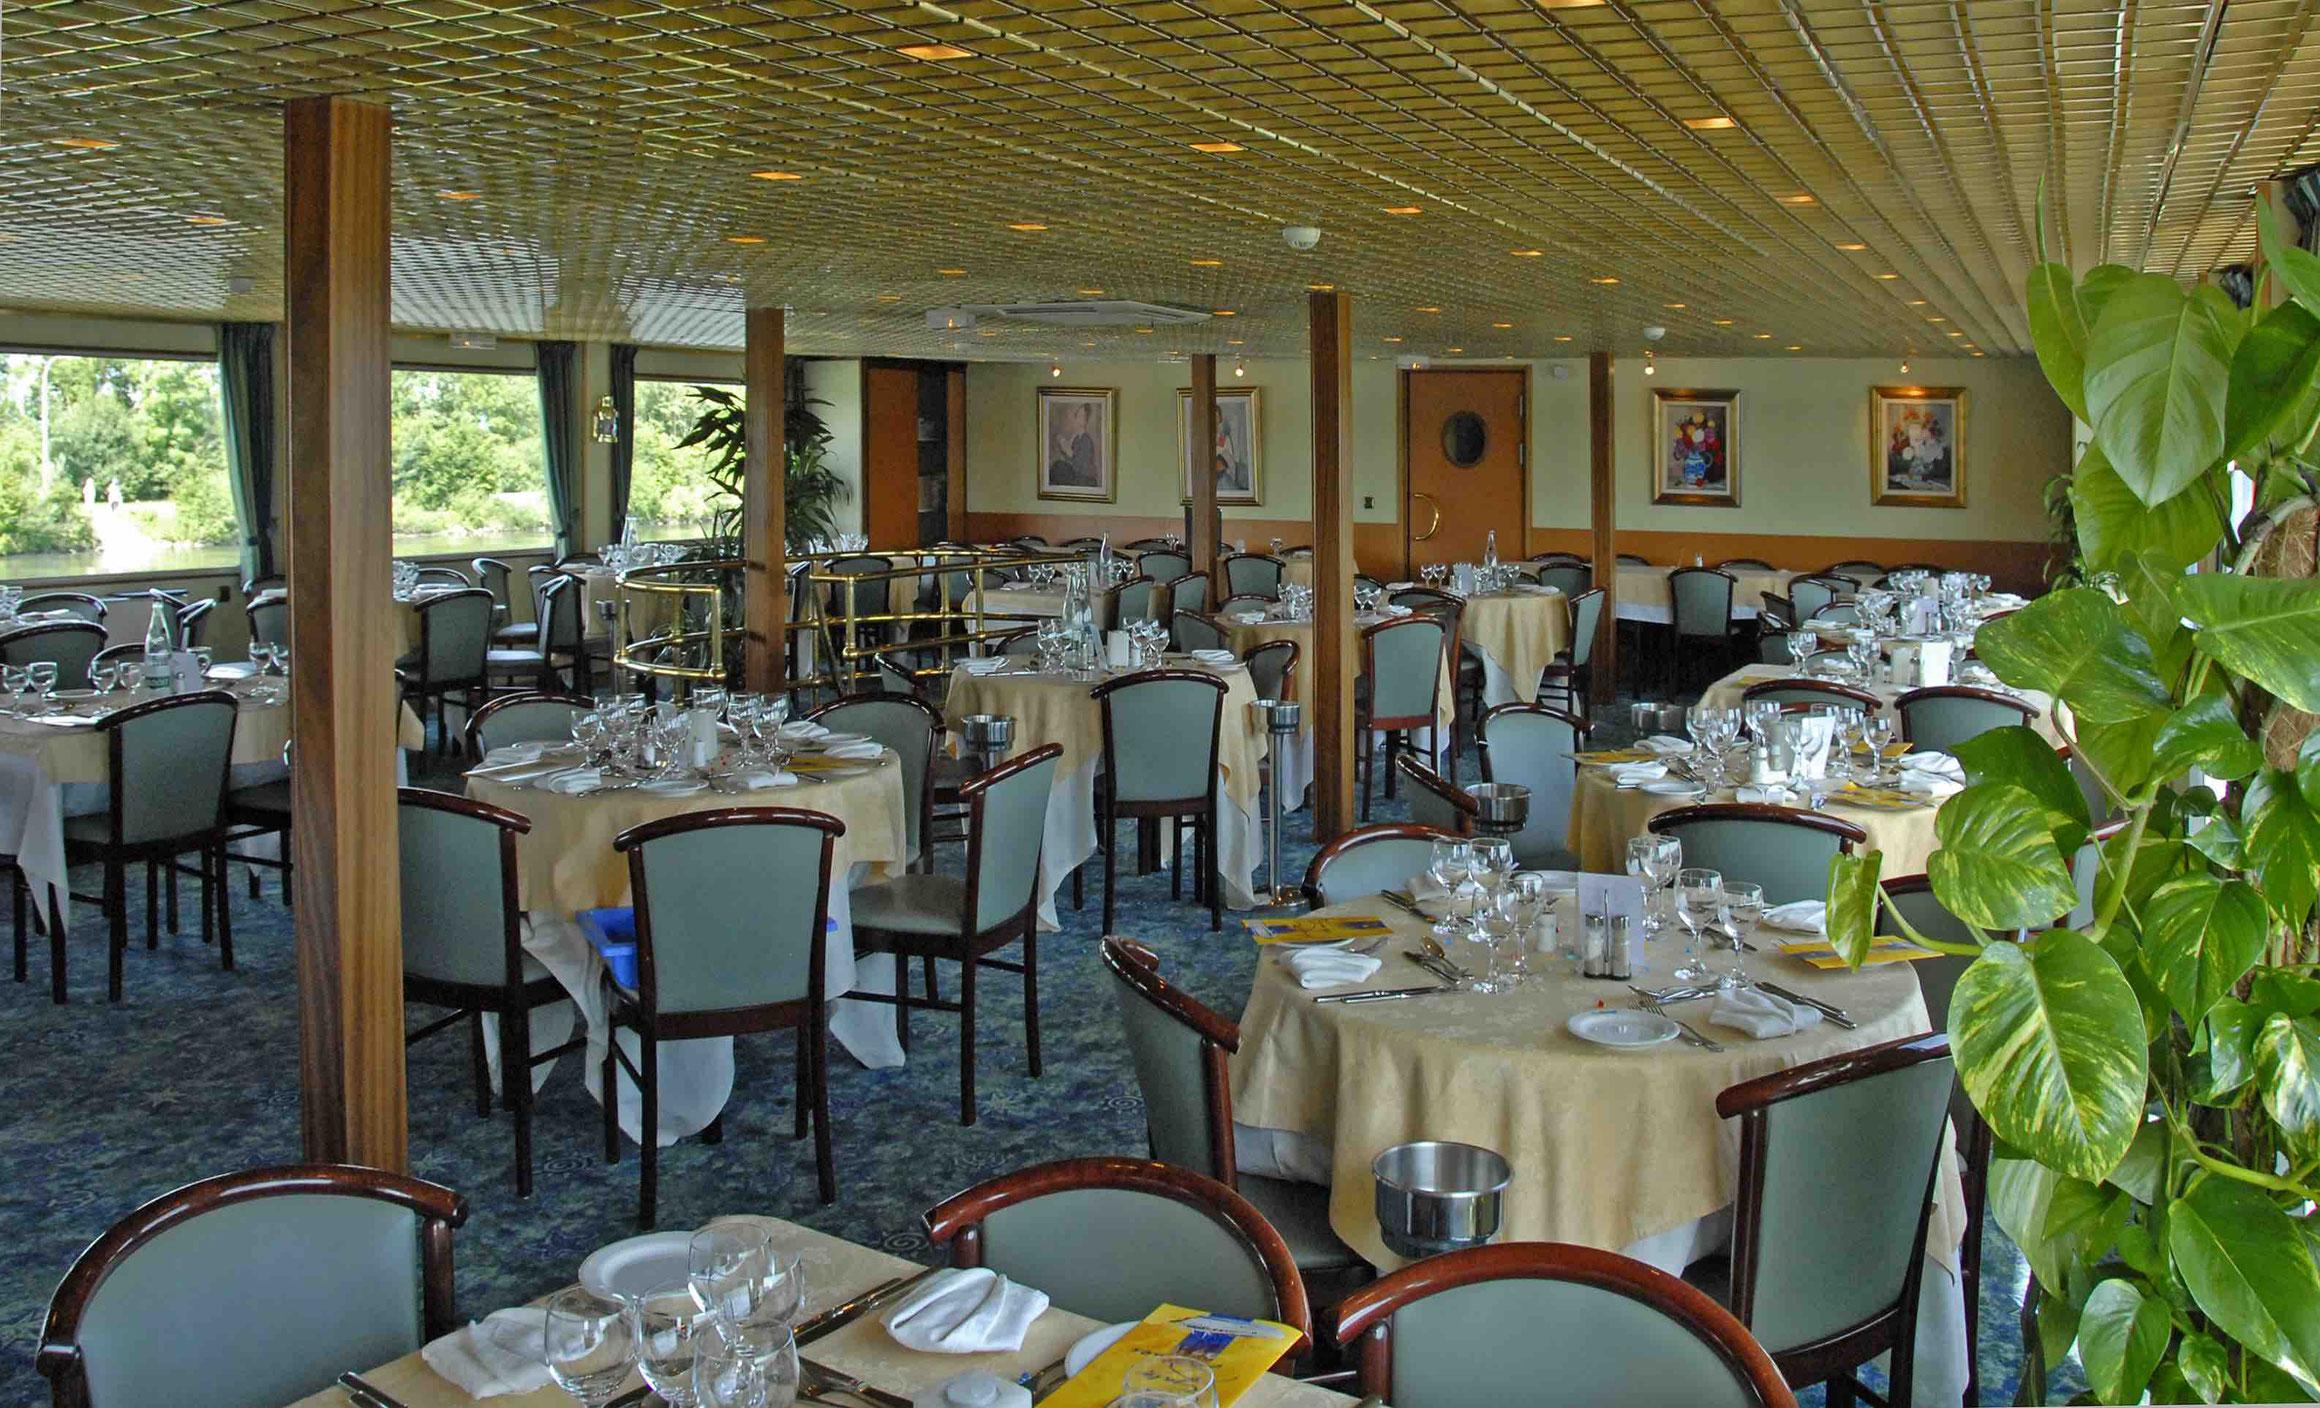 MS Magellan Restaurant